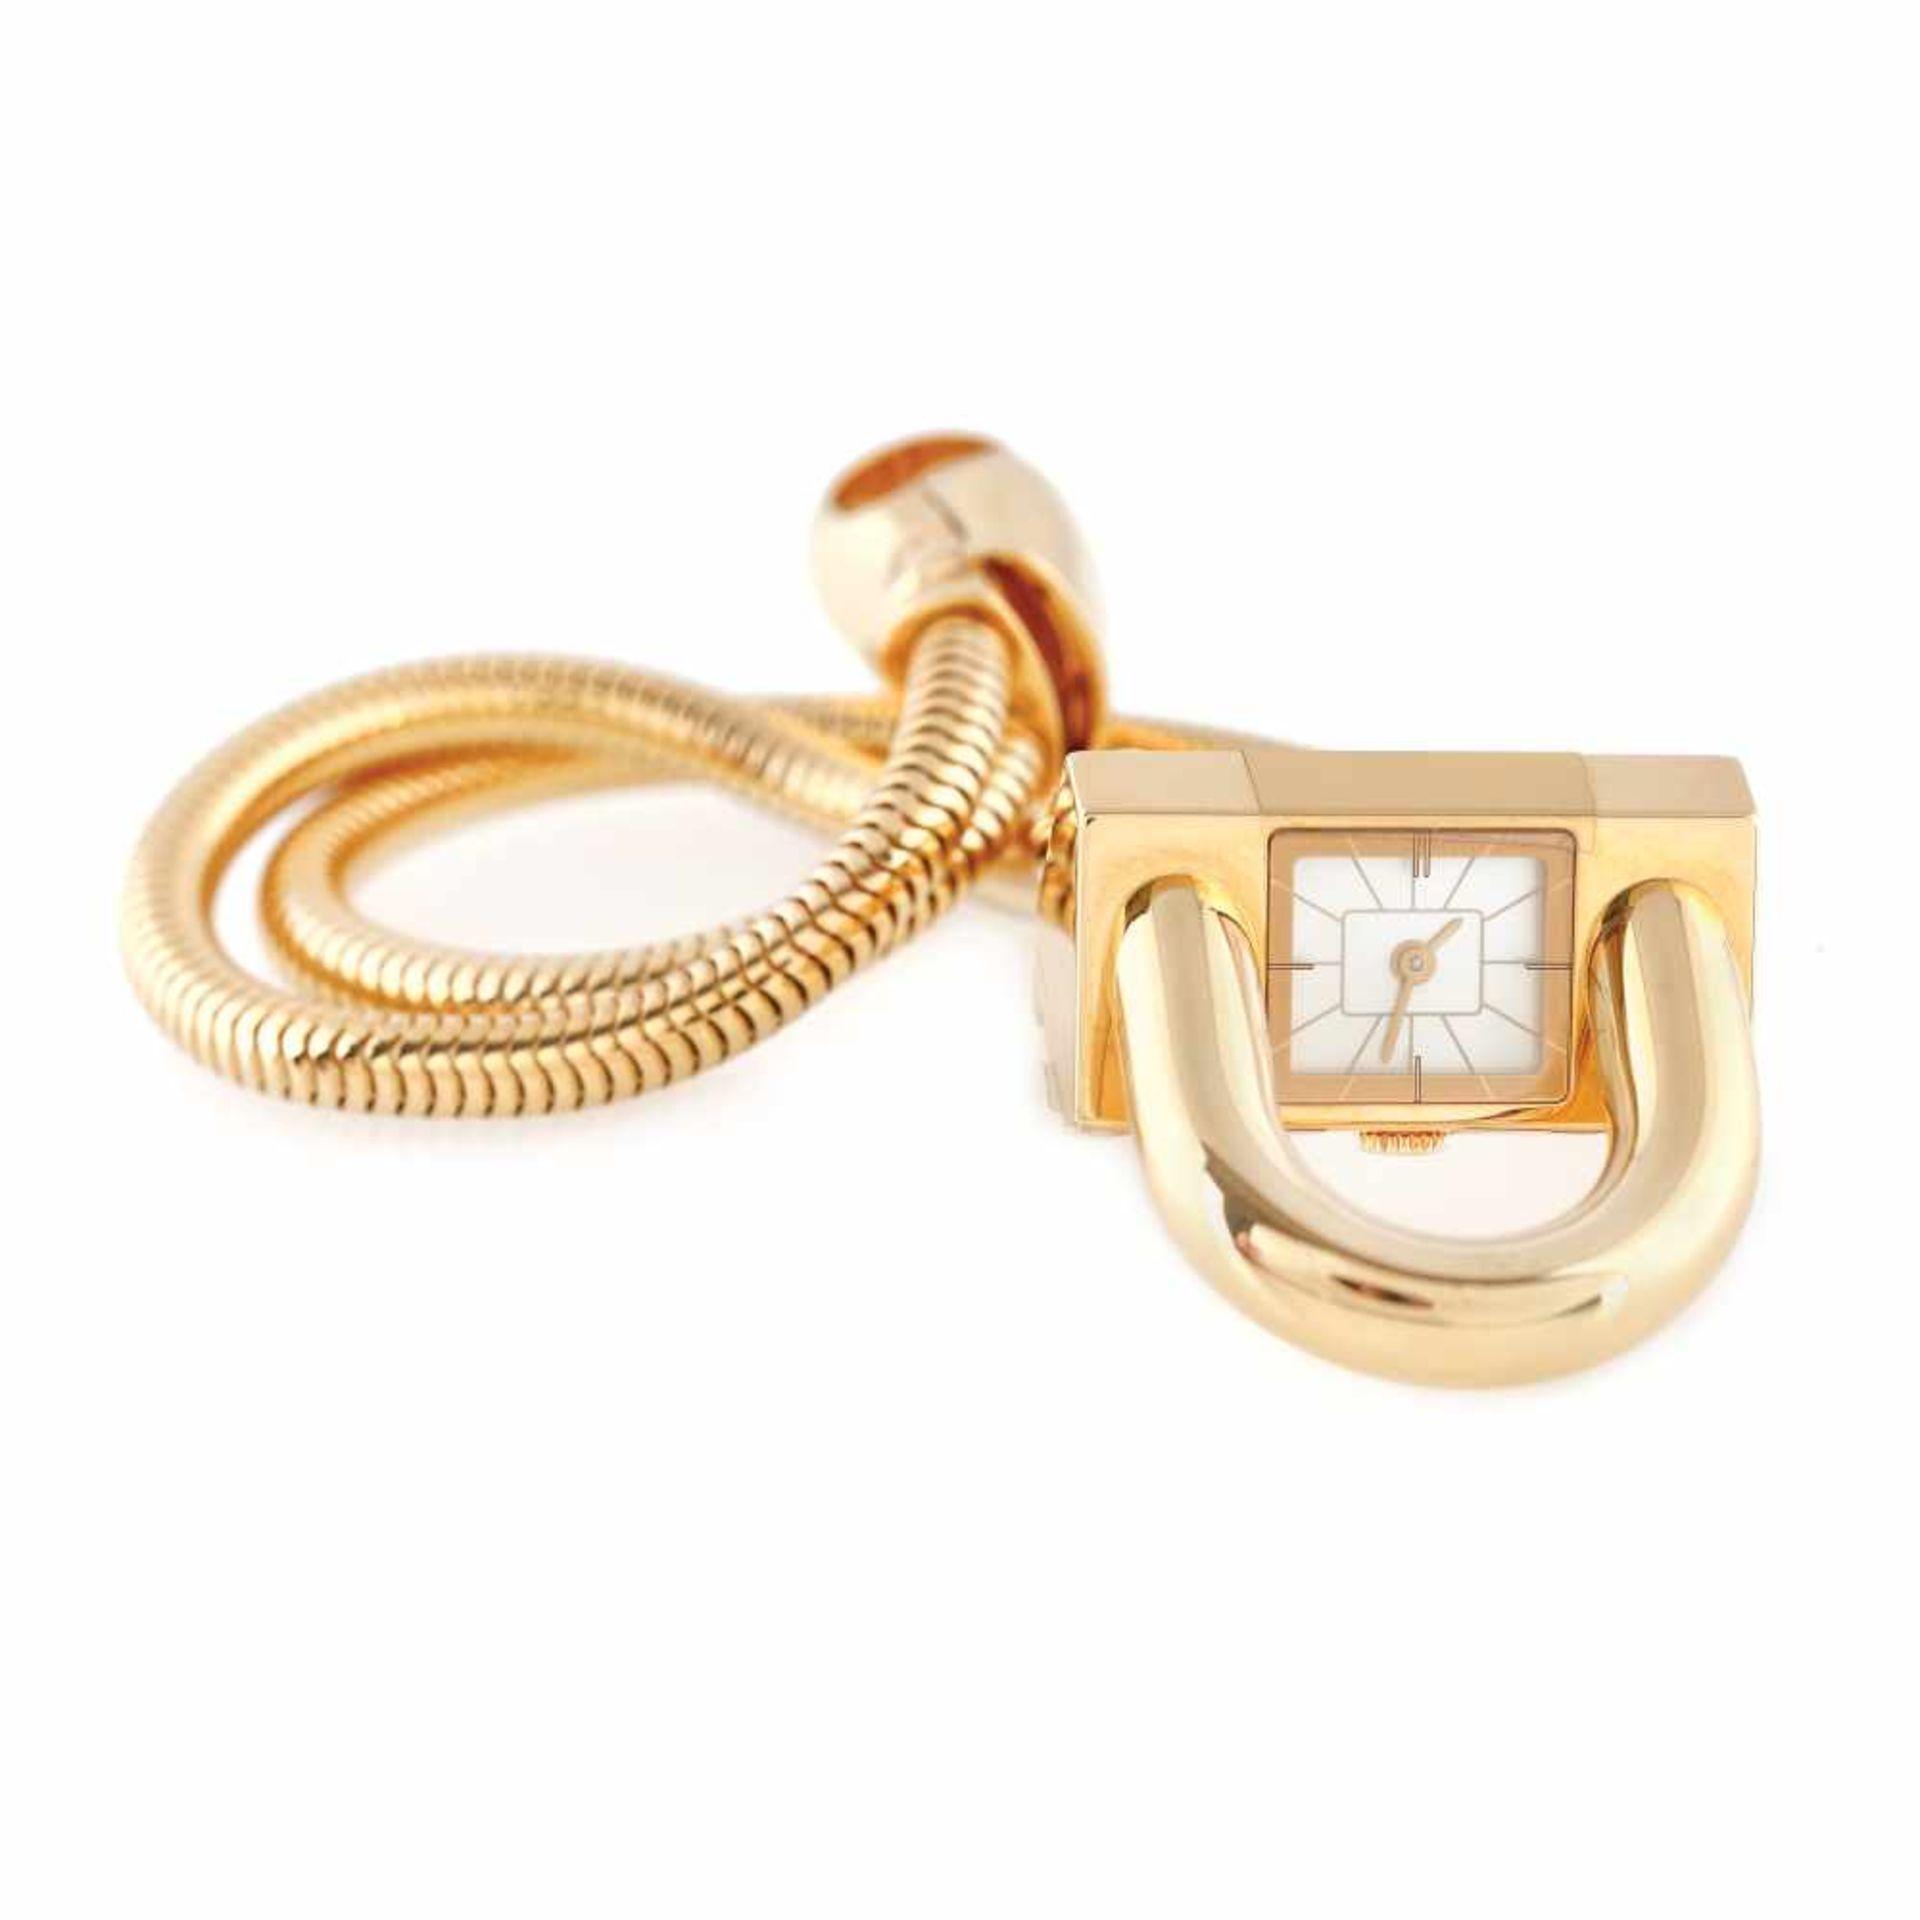 Van Cleef & Arpels Cadenas bracelet watch, gold, women - Bild 3 aus 5